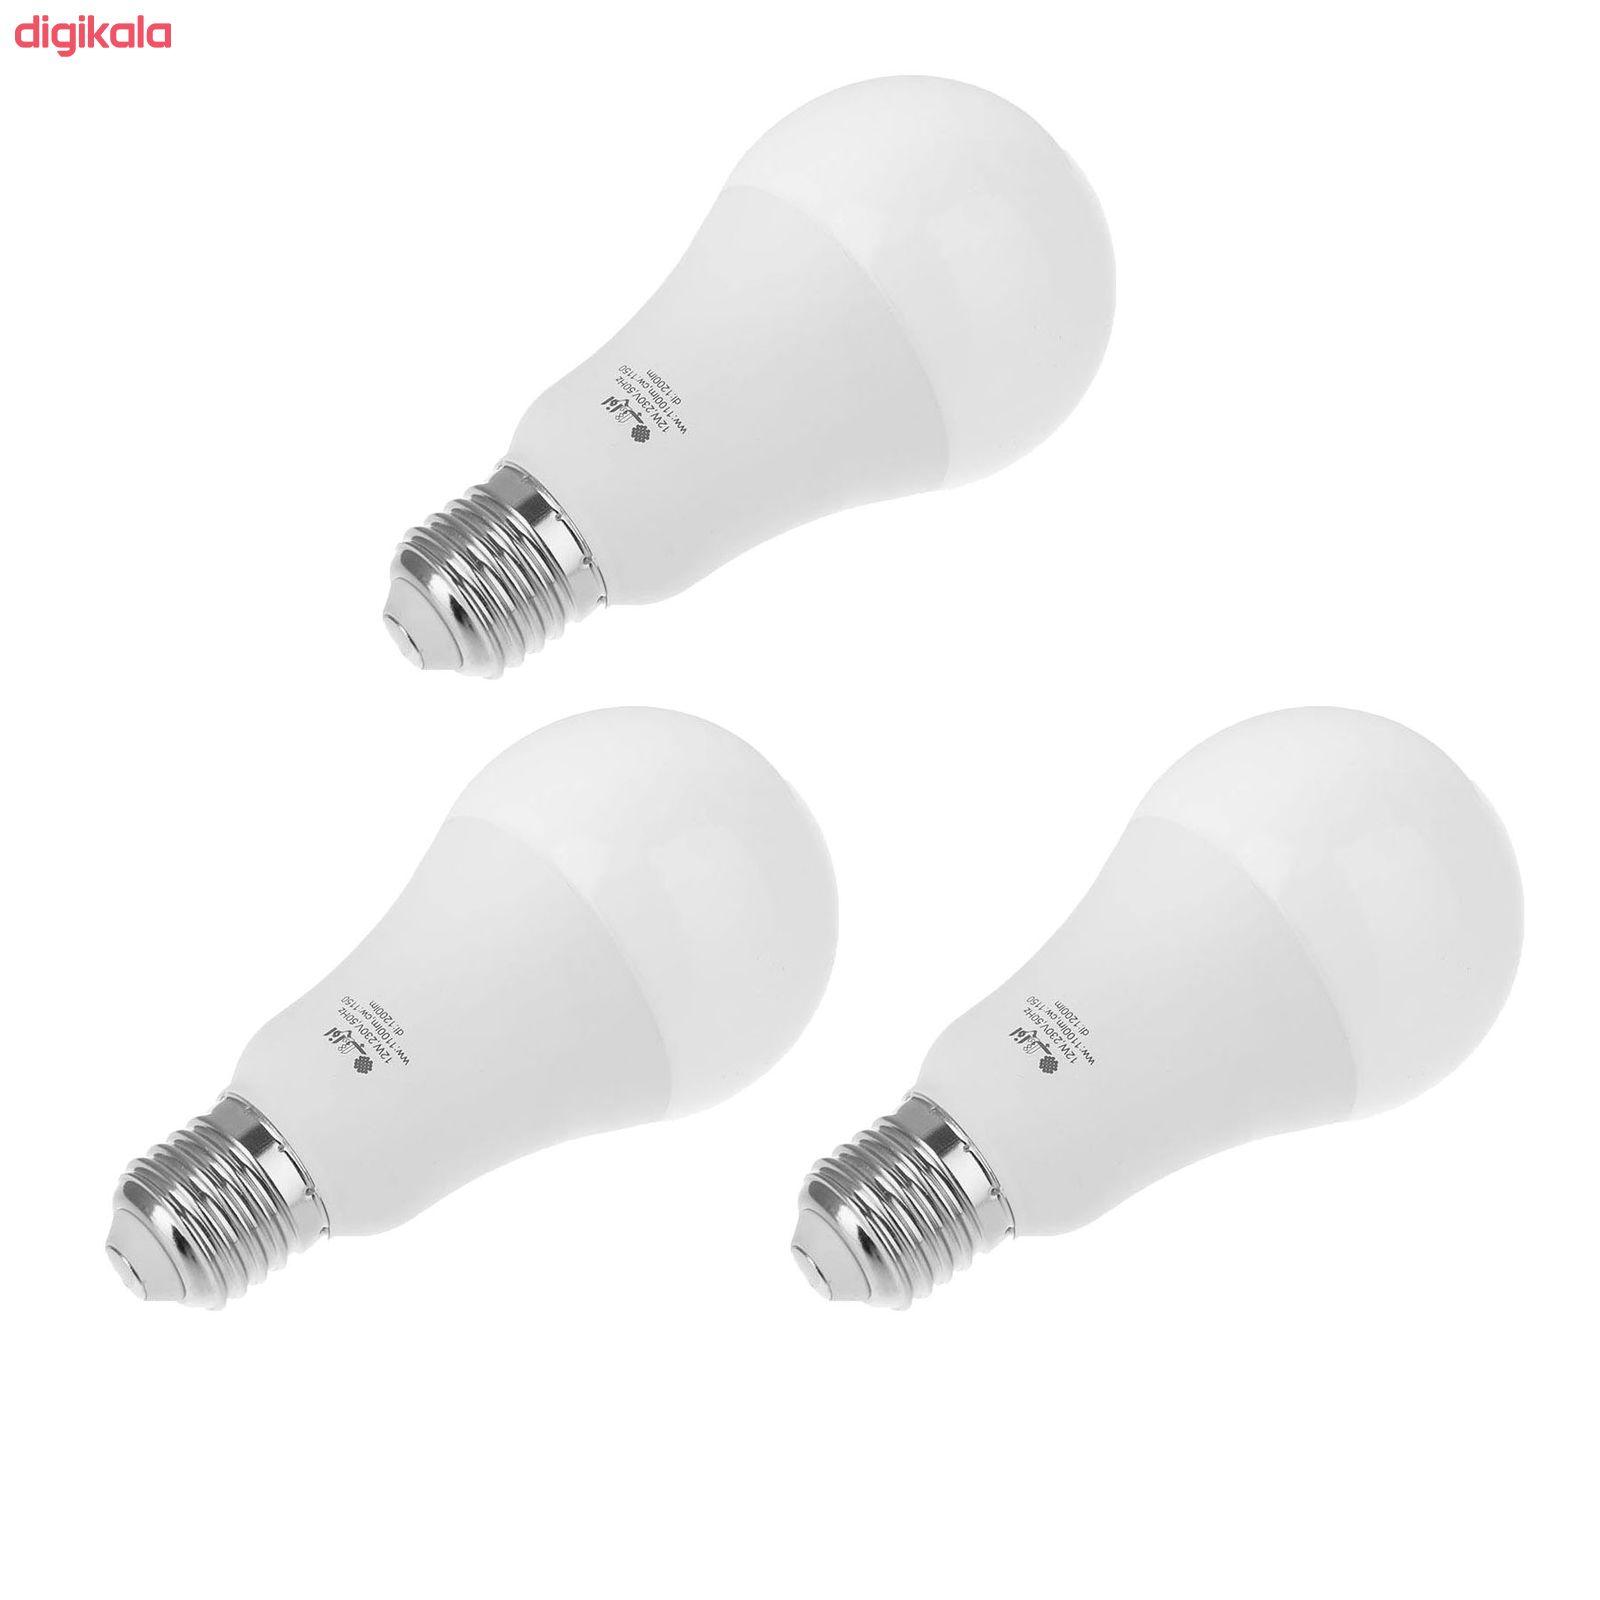 لامپ ال ای دی 12 وات افراتاب مدل AF-BULB-12W پایه E27 بسته 3 عددی main 1 1